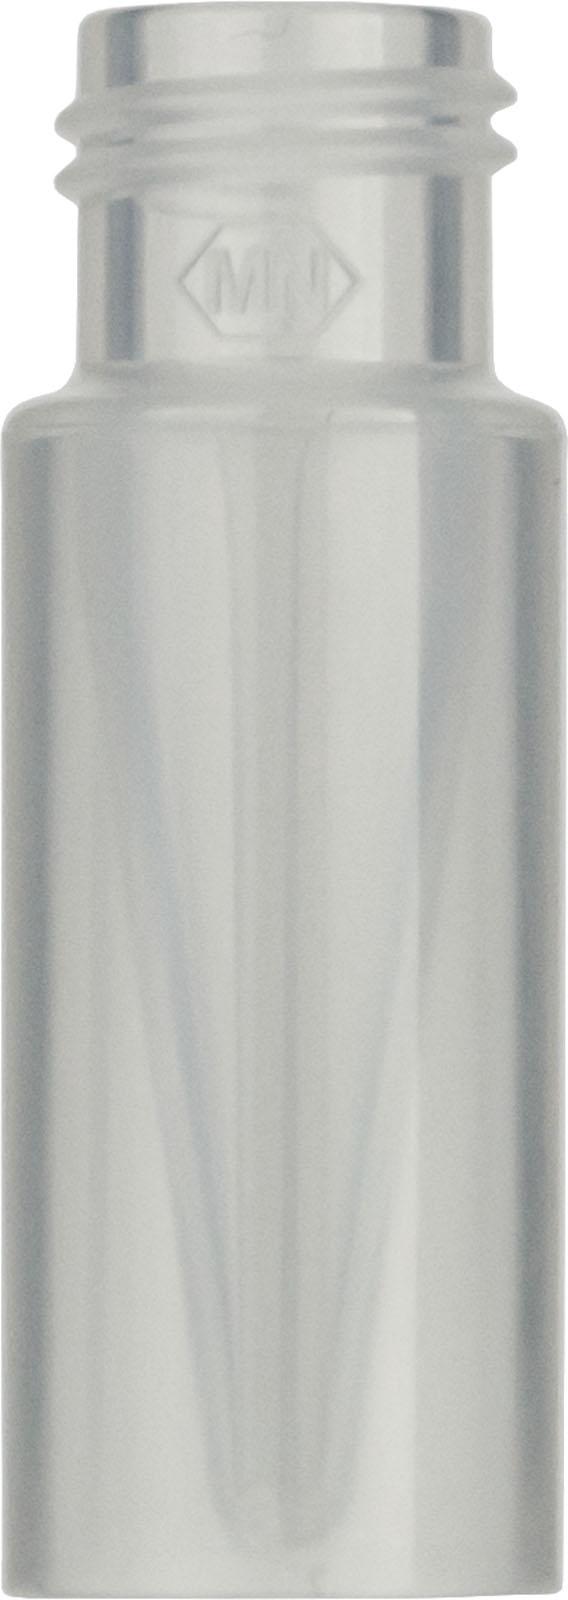 PP Vial N9-0.3, GW, tr, 11,6x32, Konus